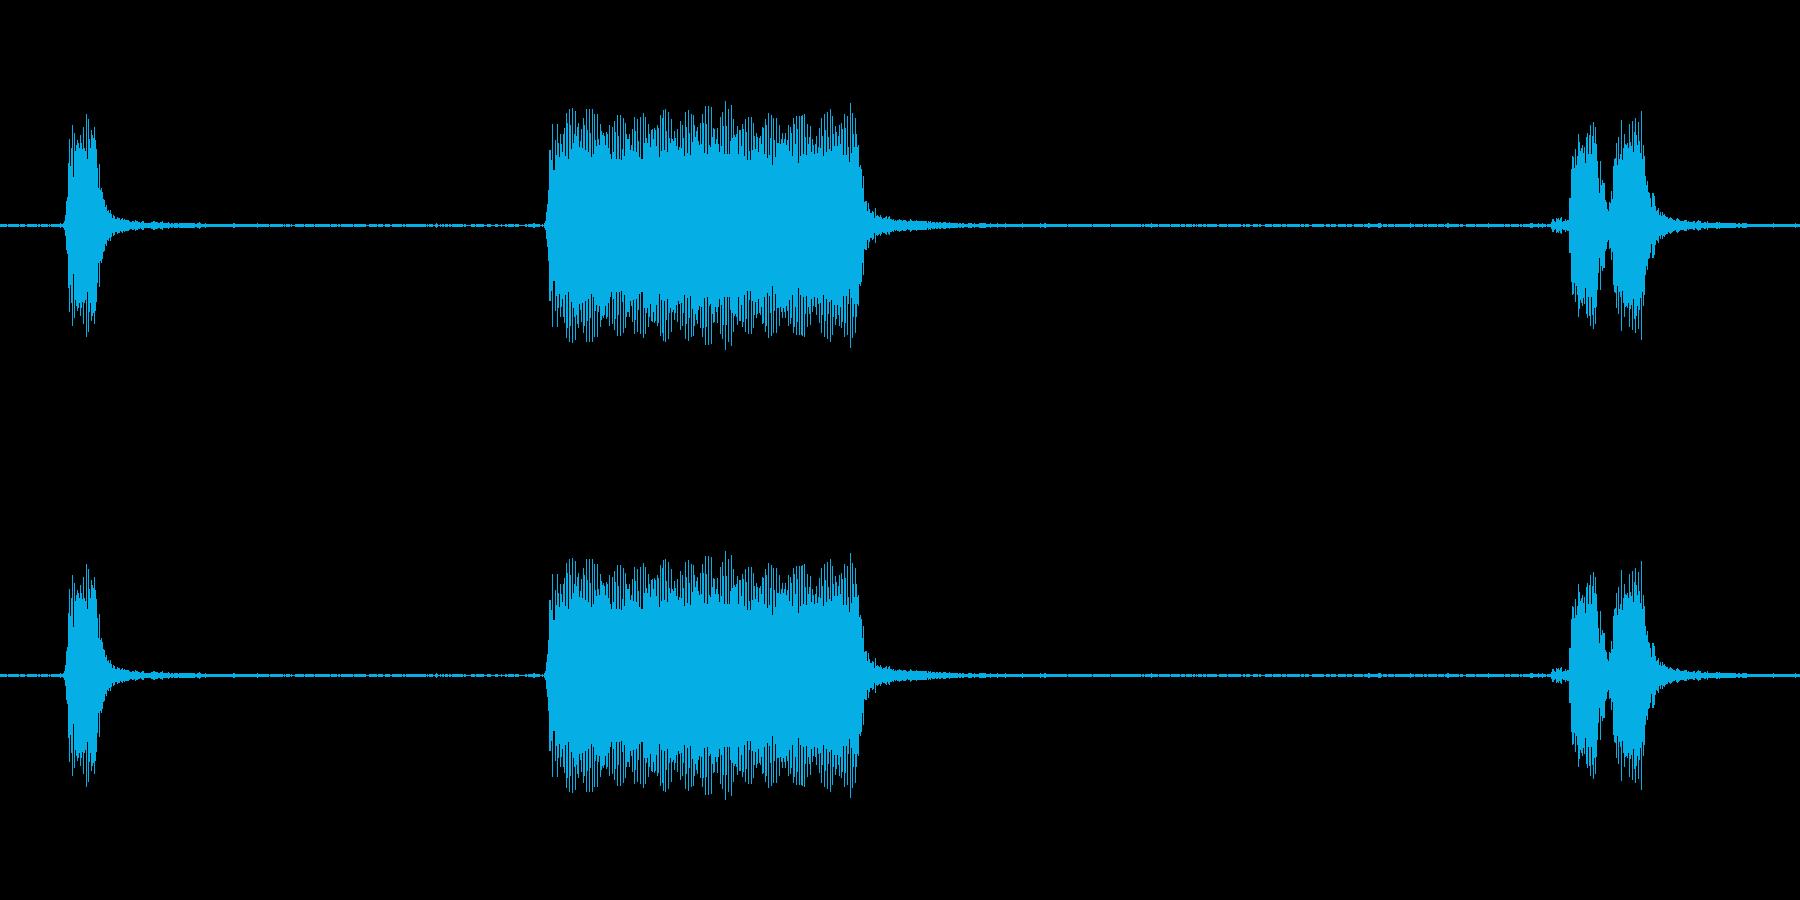 トラックシェブホーンホーン外観の再生済みの波形